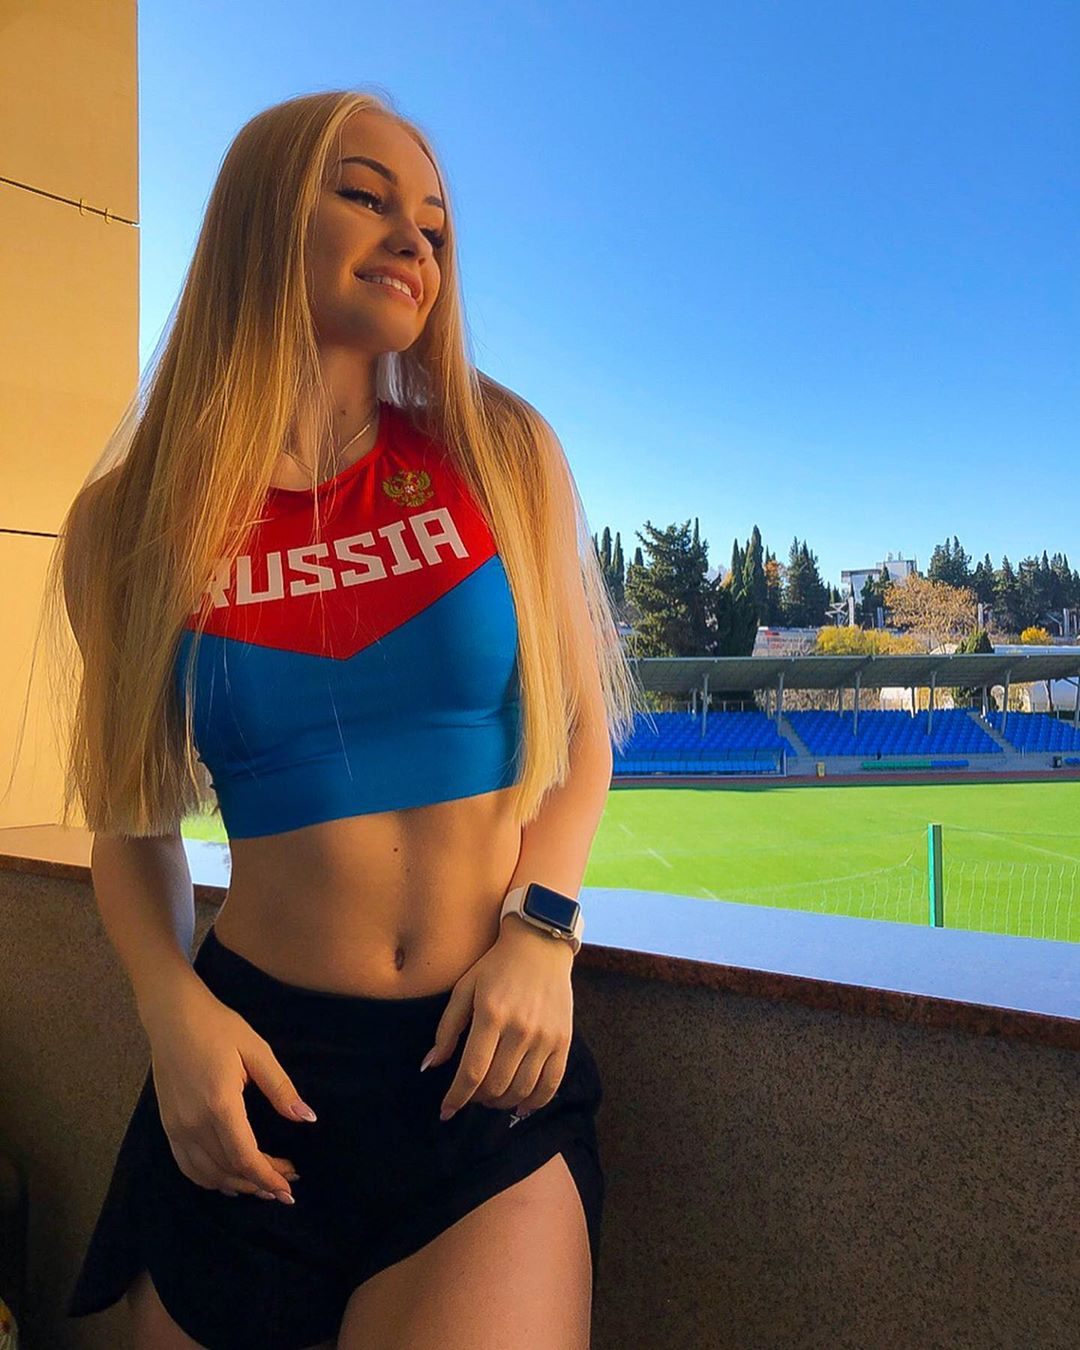 19-летняя каратистка Дарья Тулякова, которая входит в основной состав сборной России  Наши спортсменки самые красивые